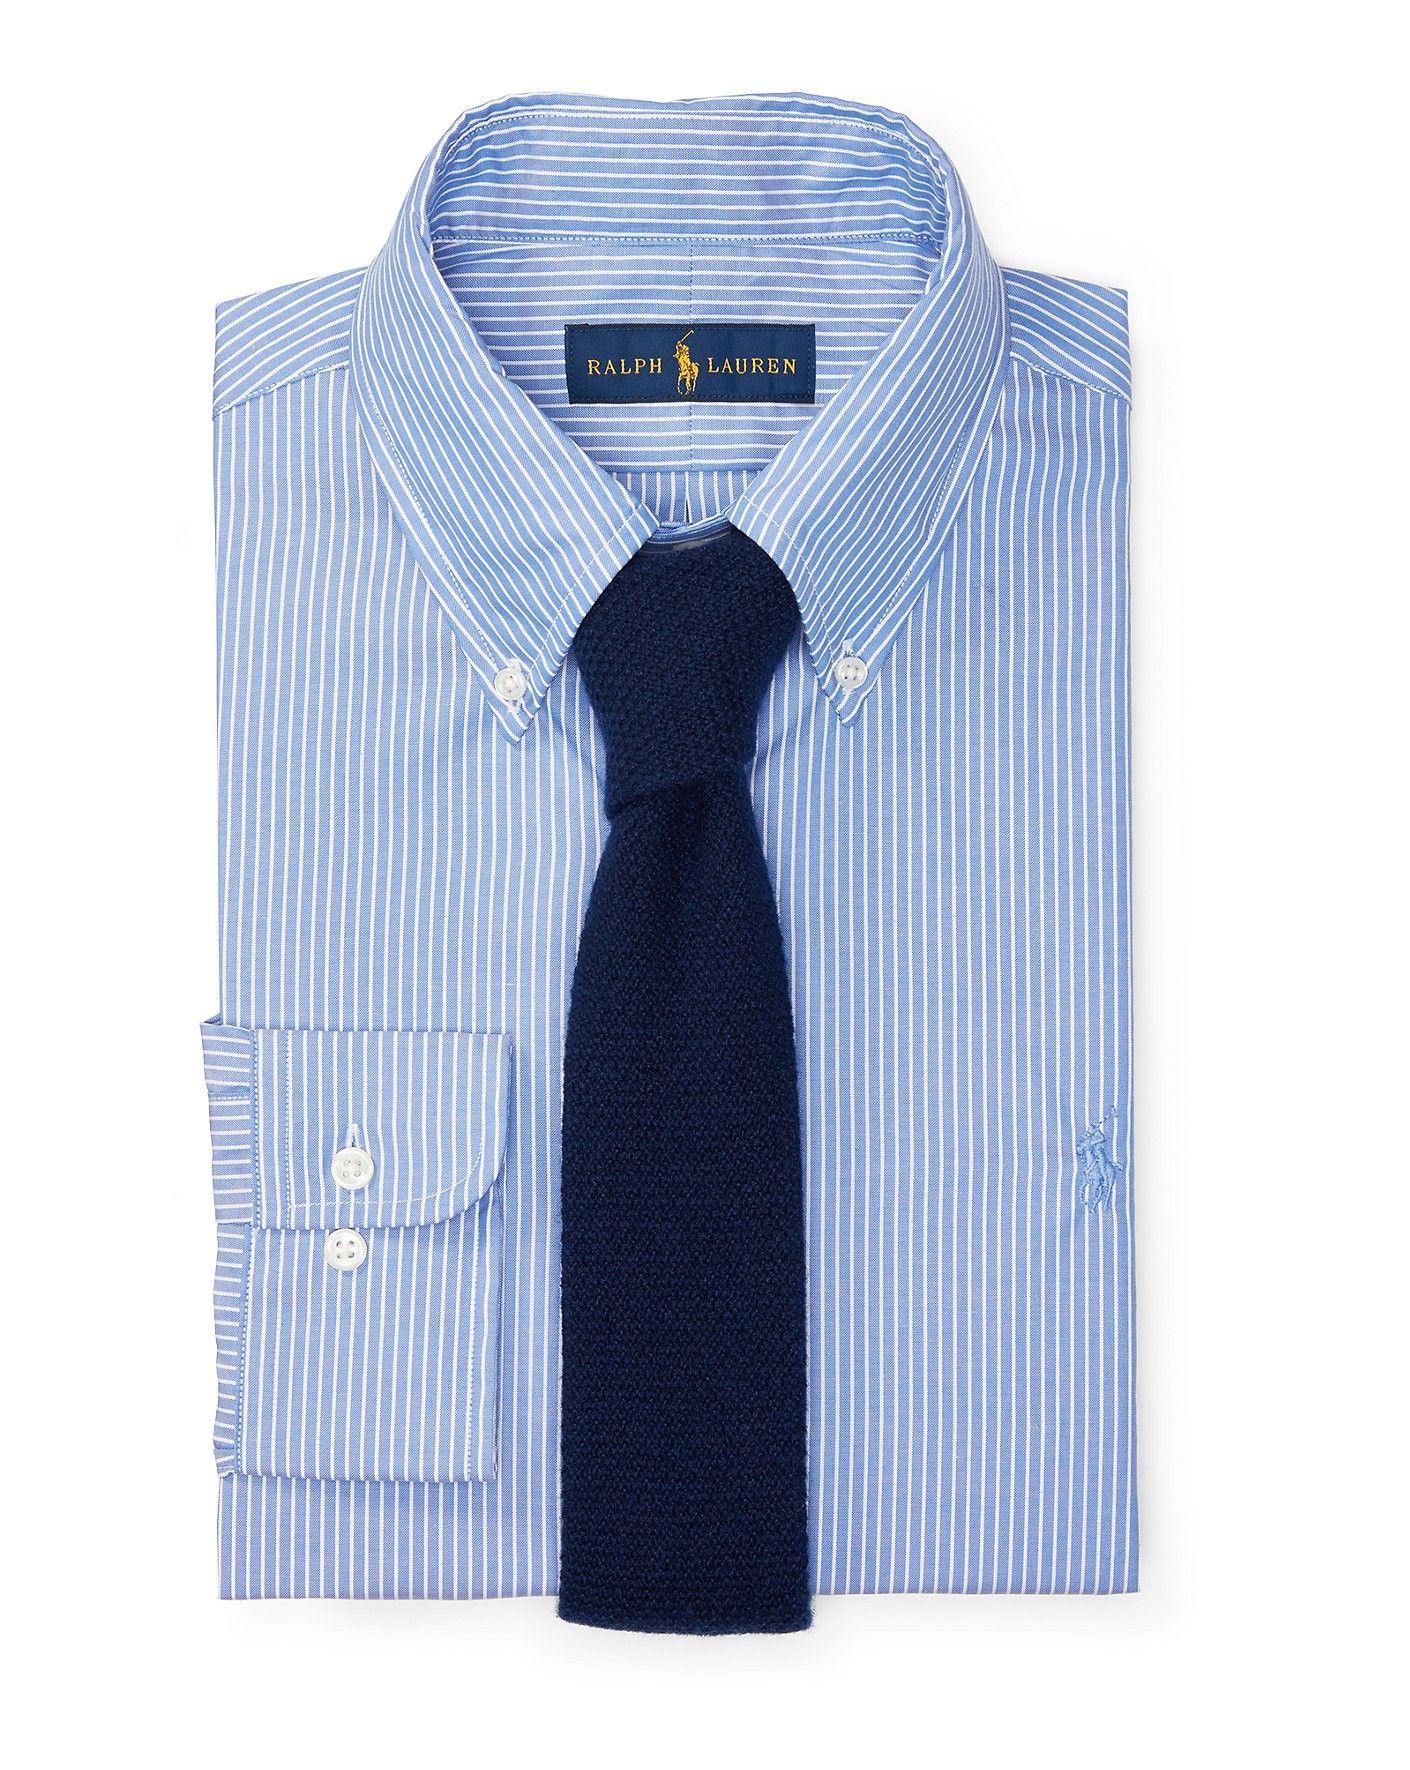 Polo Ralph Lauren Cotton Oxford Dress Shirt Poloralphlauren Cloth